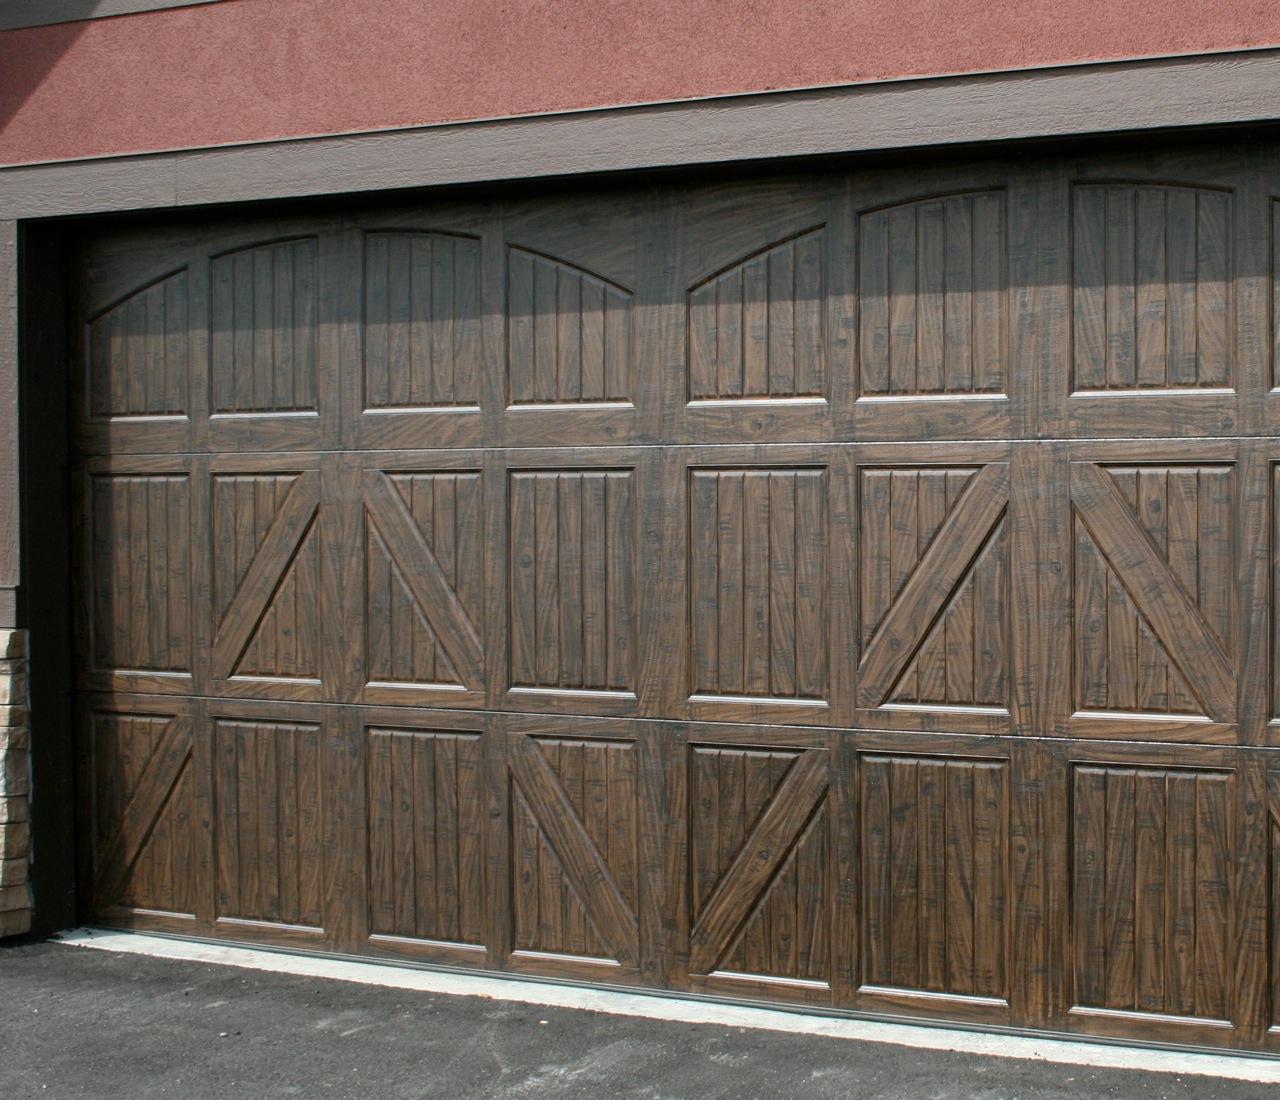 1100 #81524A Residential Garage Door Okotoks Garage Doors High River Garage  wallpaper Residential Garage Doors 38051280